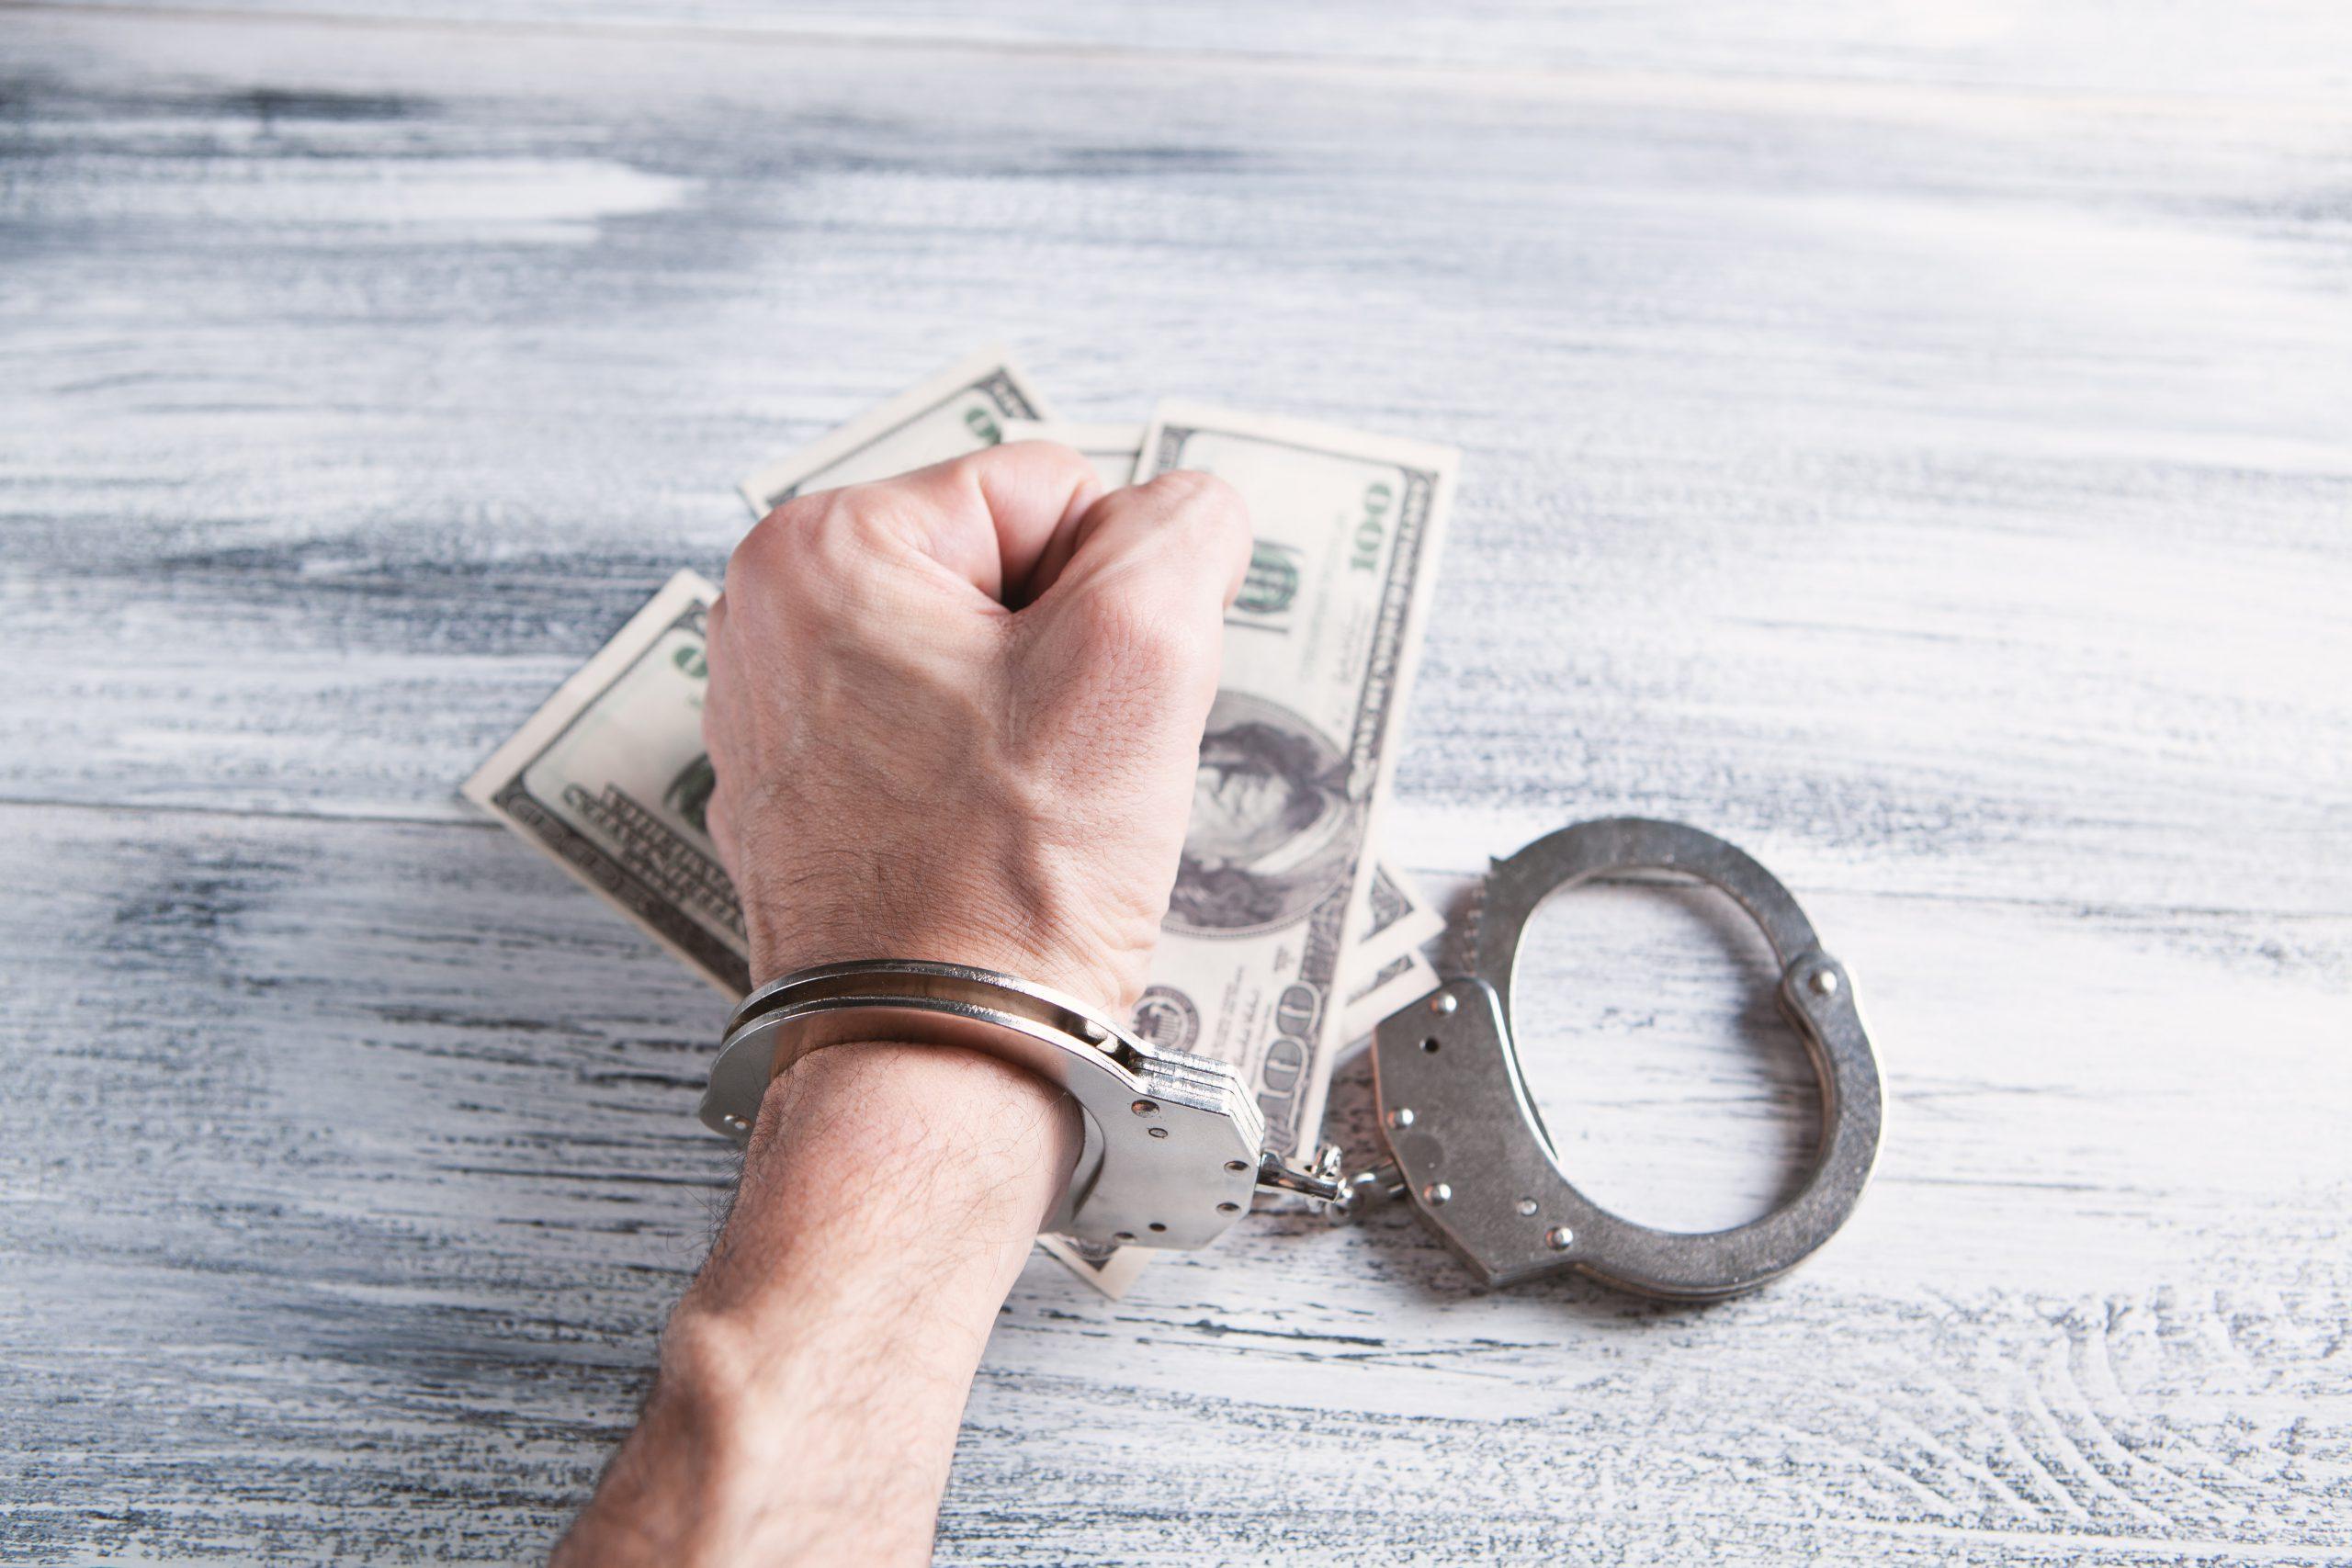 Quy định pháp luật hiện hành đối với hành vi rửa tiền?